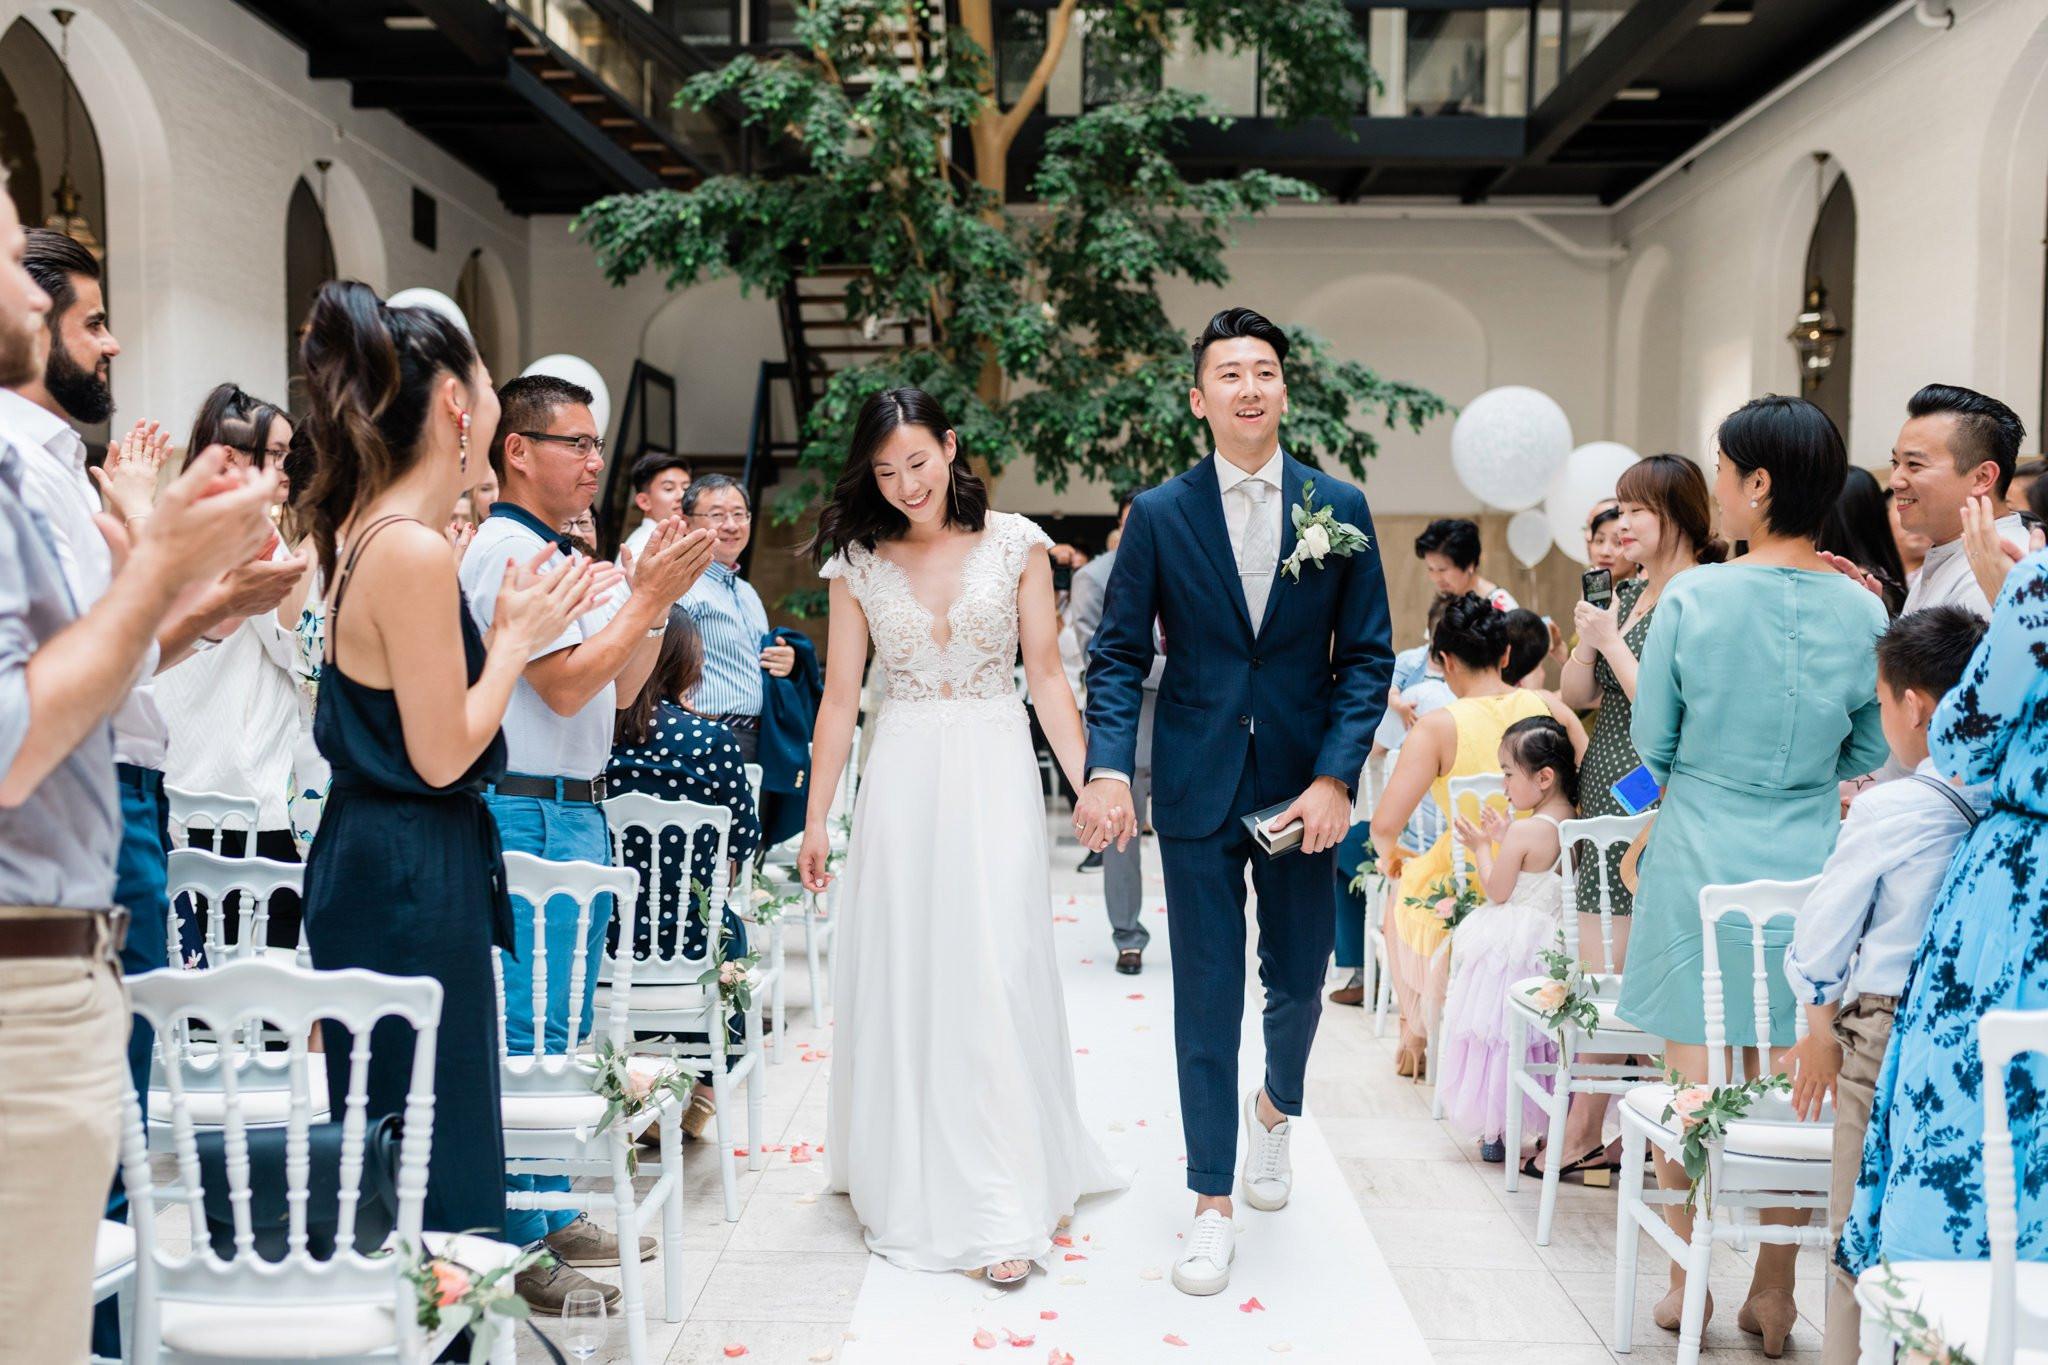 c52d04ffa8132c Bruiloft dresscode - Alles wat je moet weten!